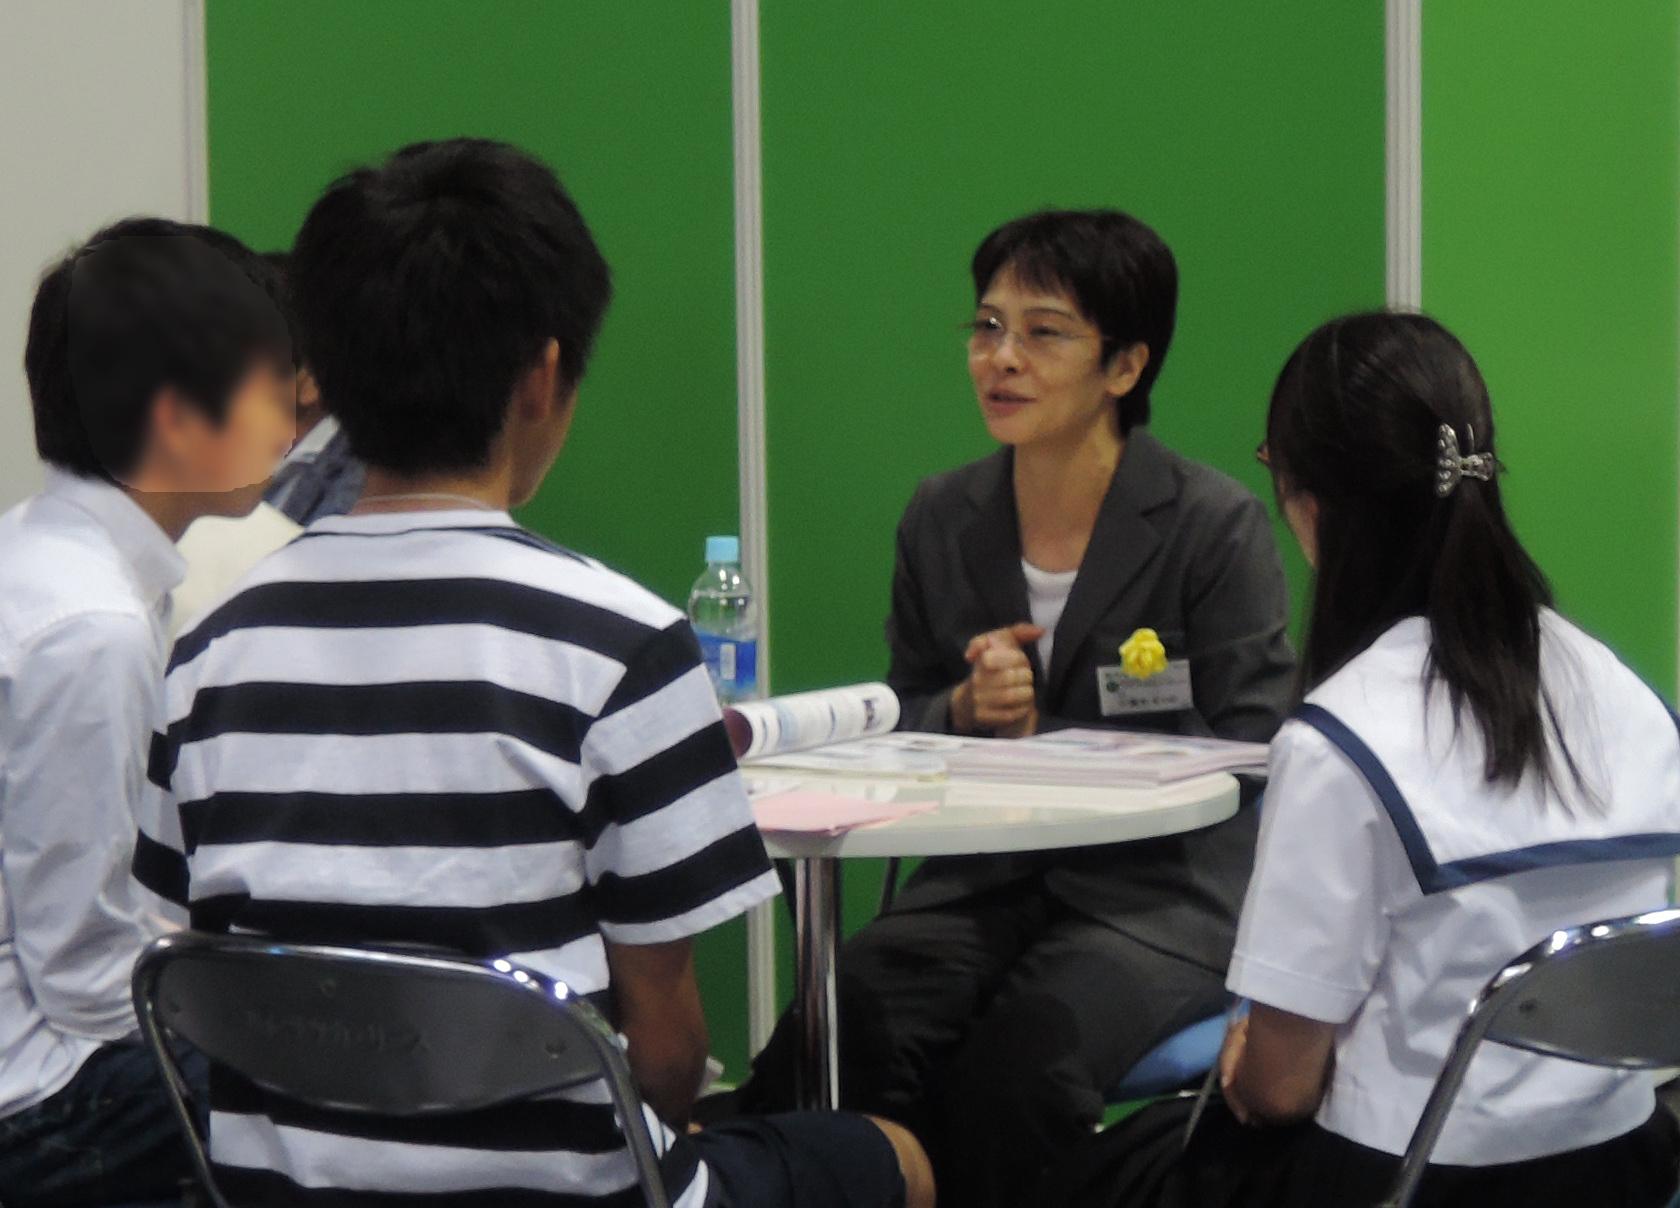 大阪国際大学 国際教養学部 国際観光学科 小瀬木えりの 先生